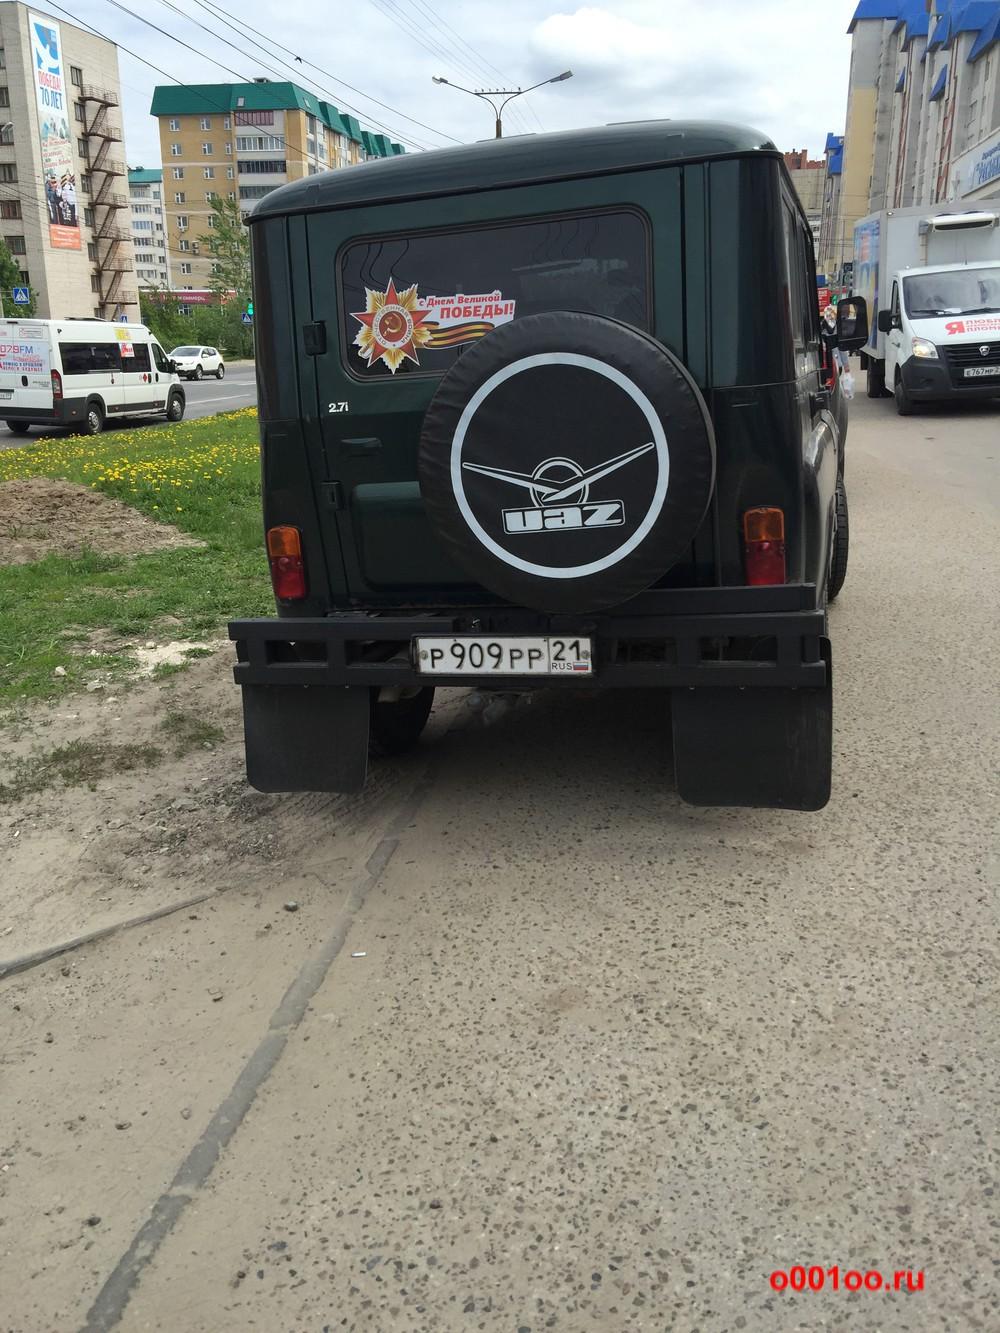 р909рр21